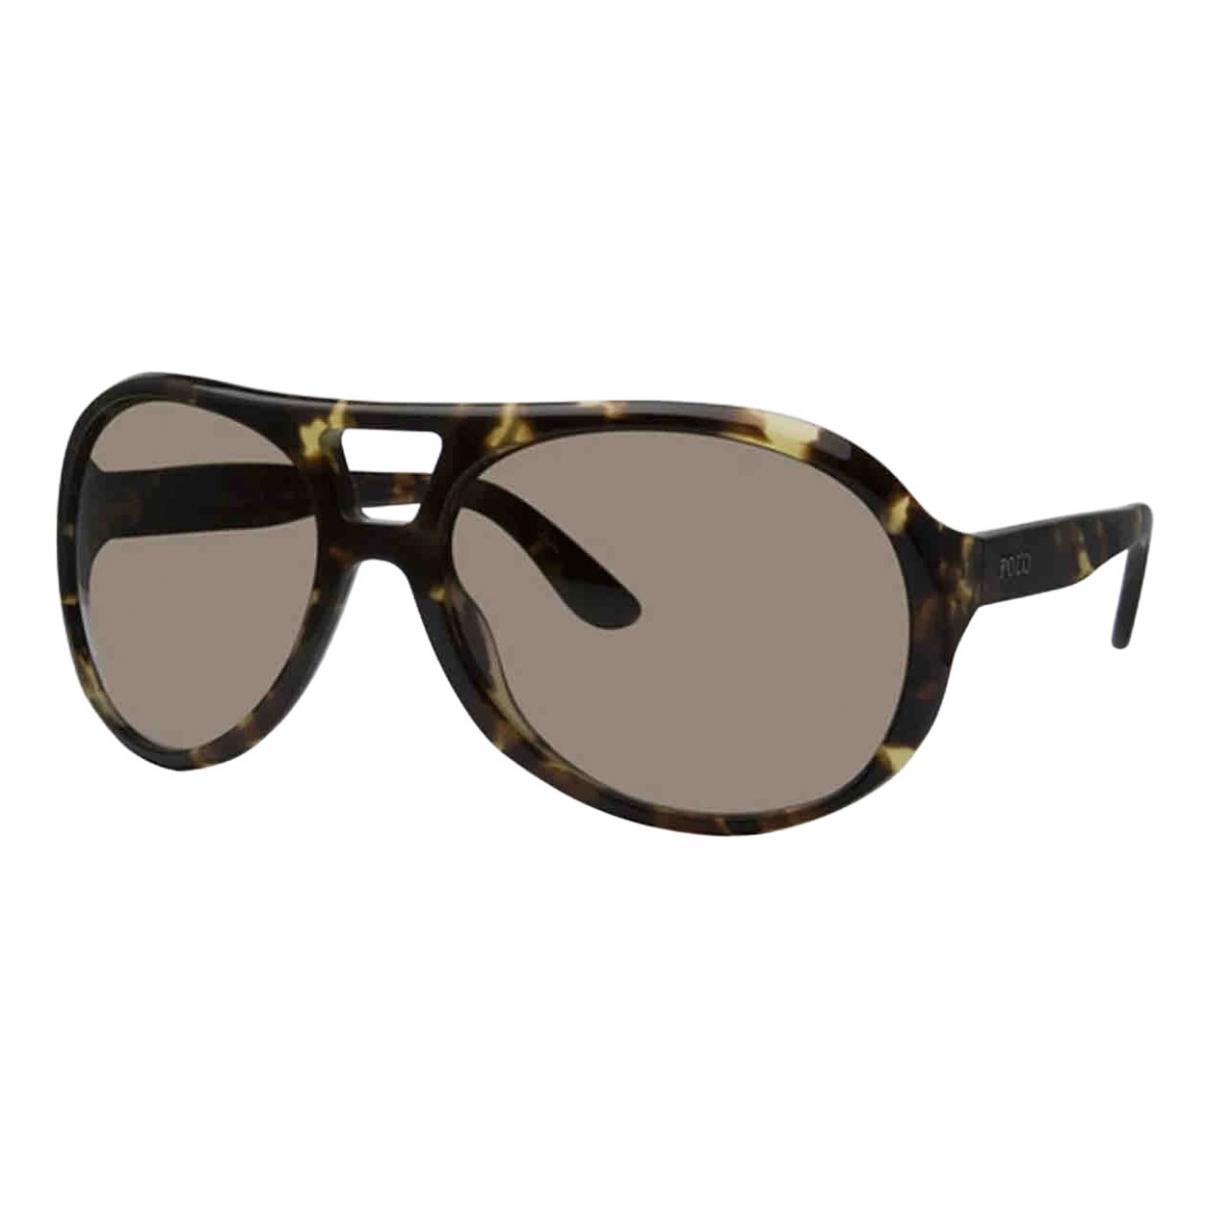 Gafas oversize Polo Ralph Lauren